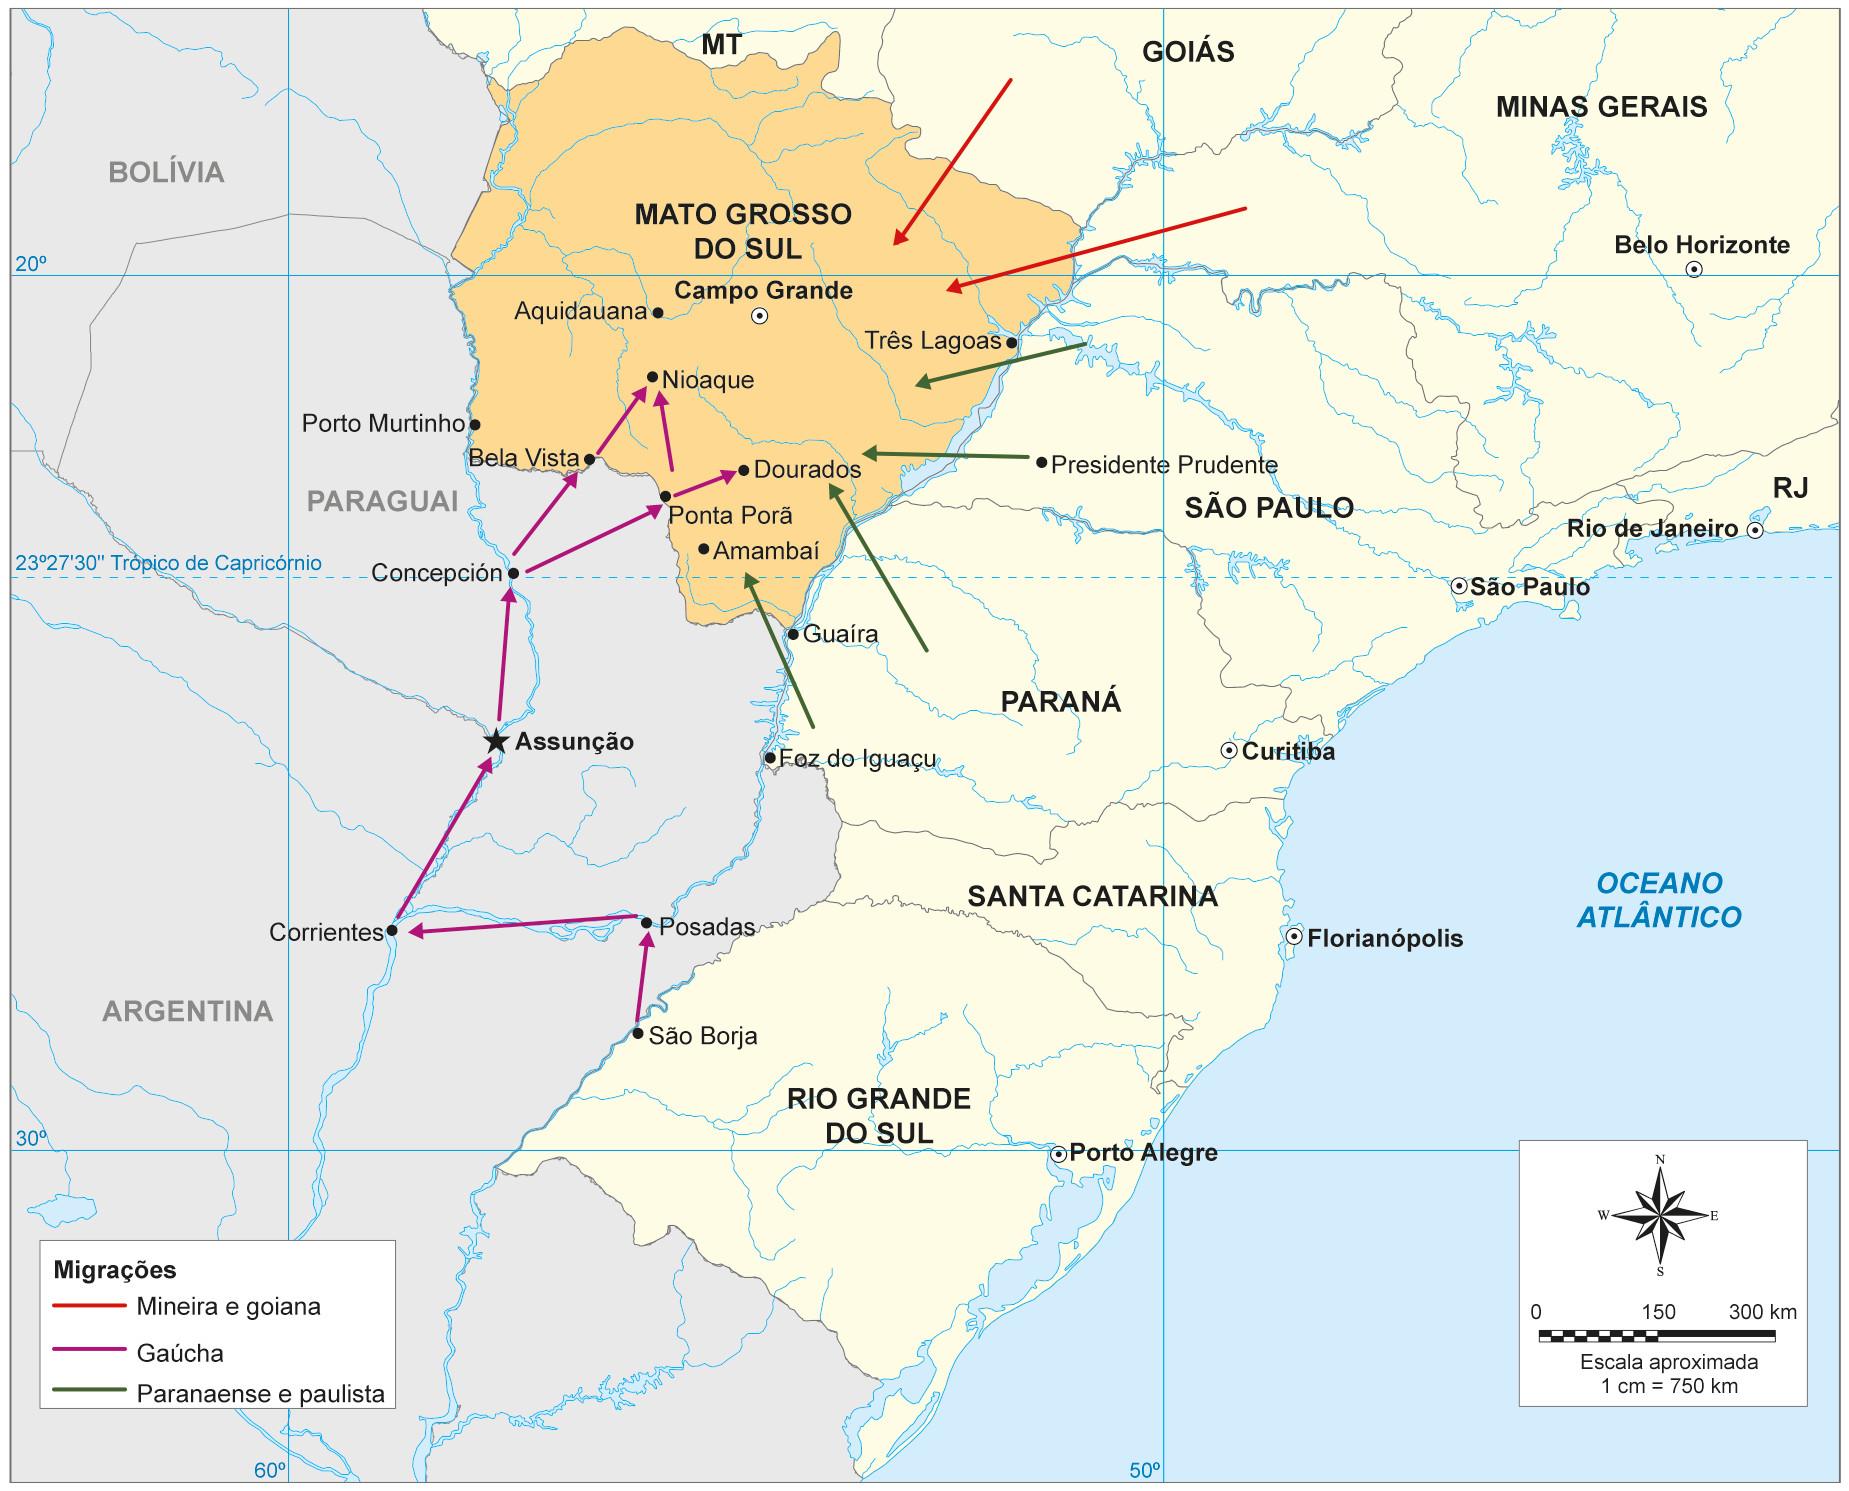 Migrações para o Mato Grosso do Sul